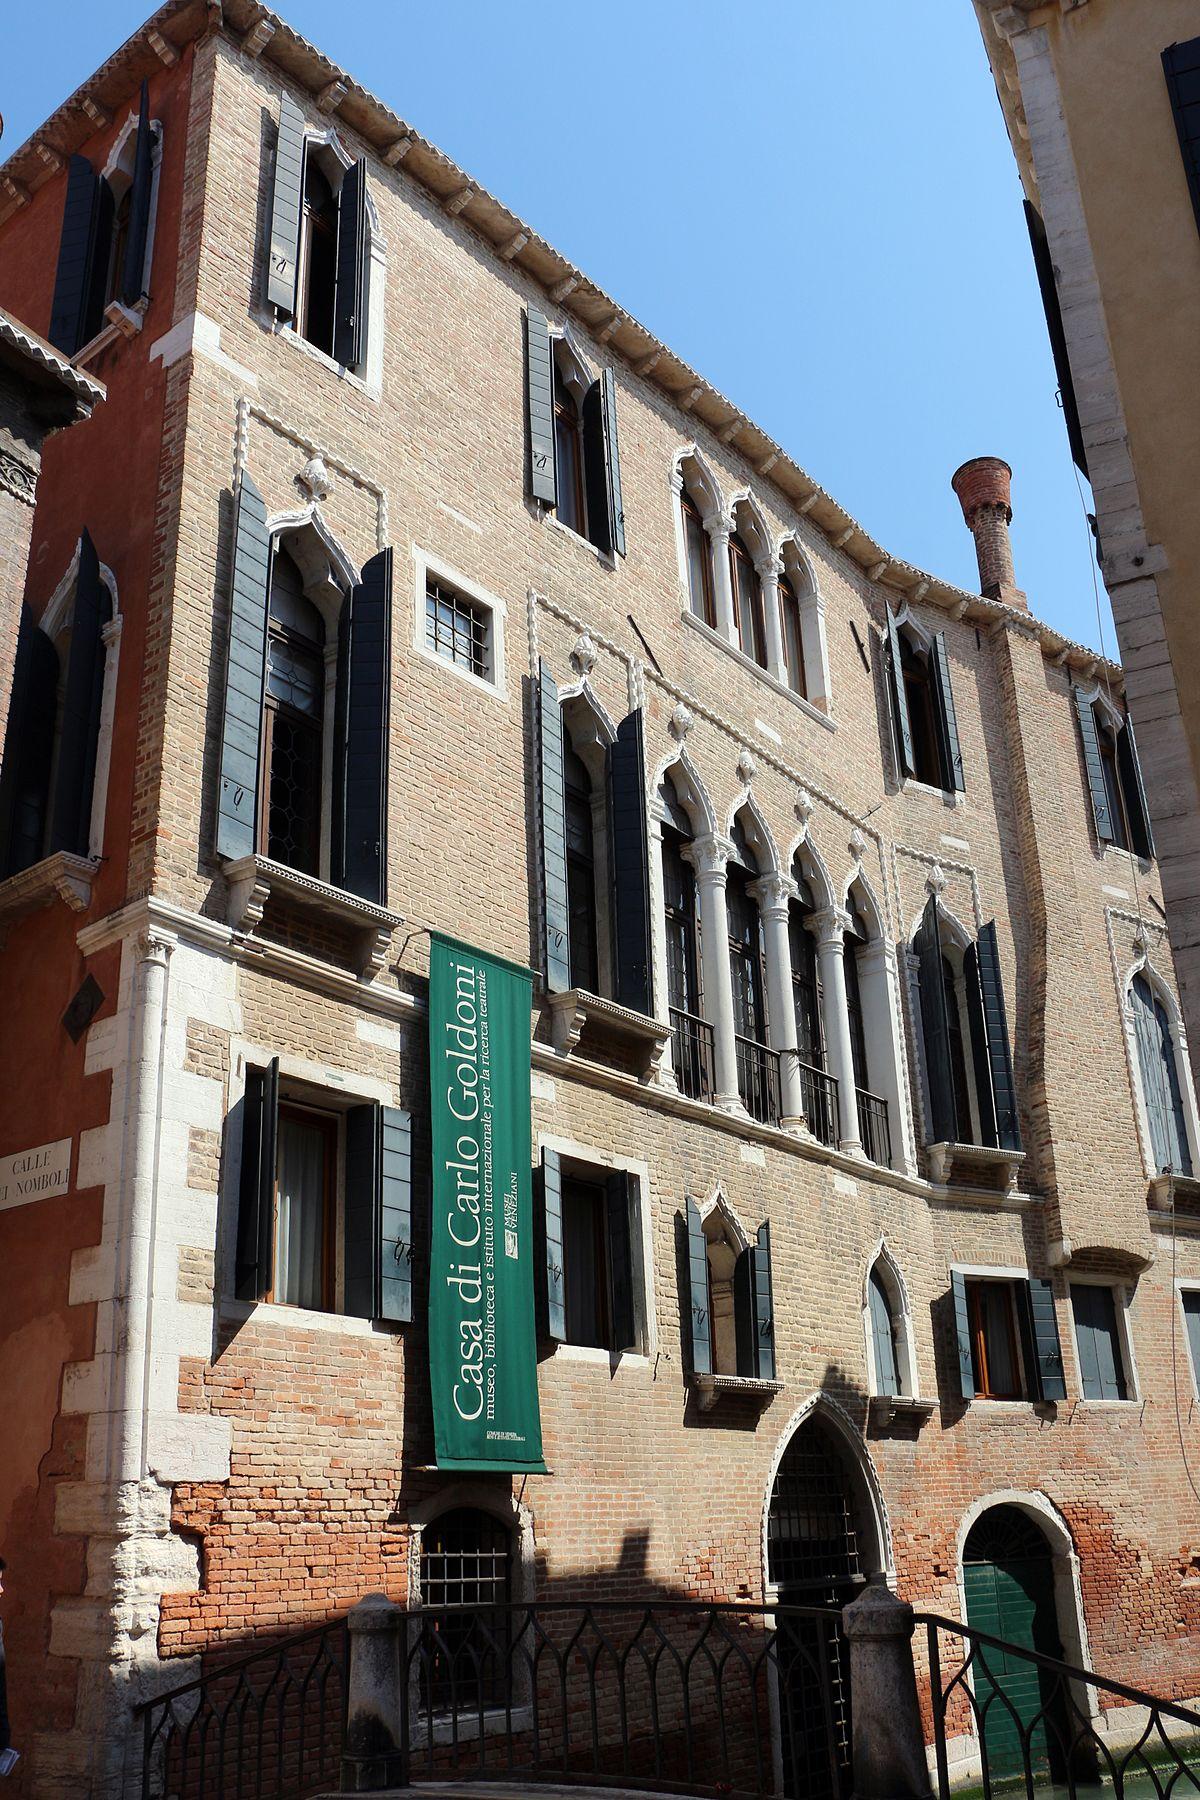 Casa di carlo goldoni wikipedia for Case di casa